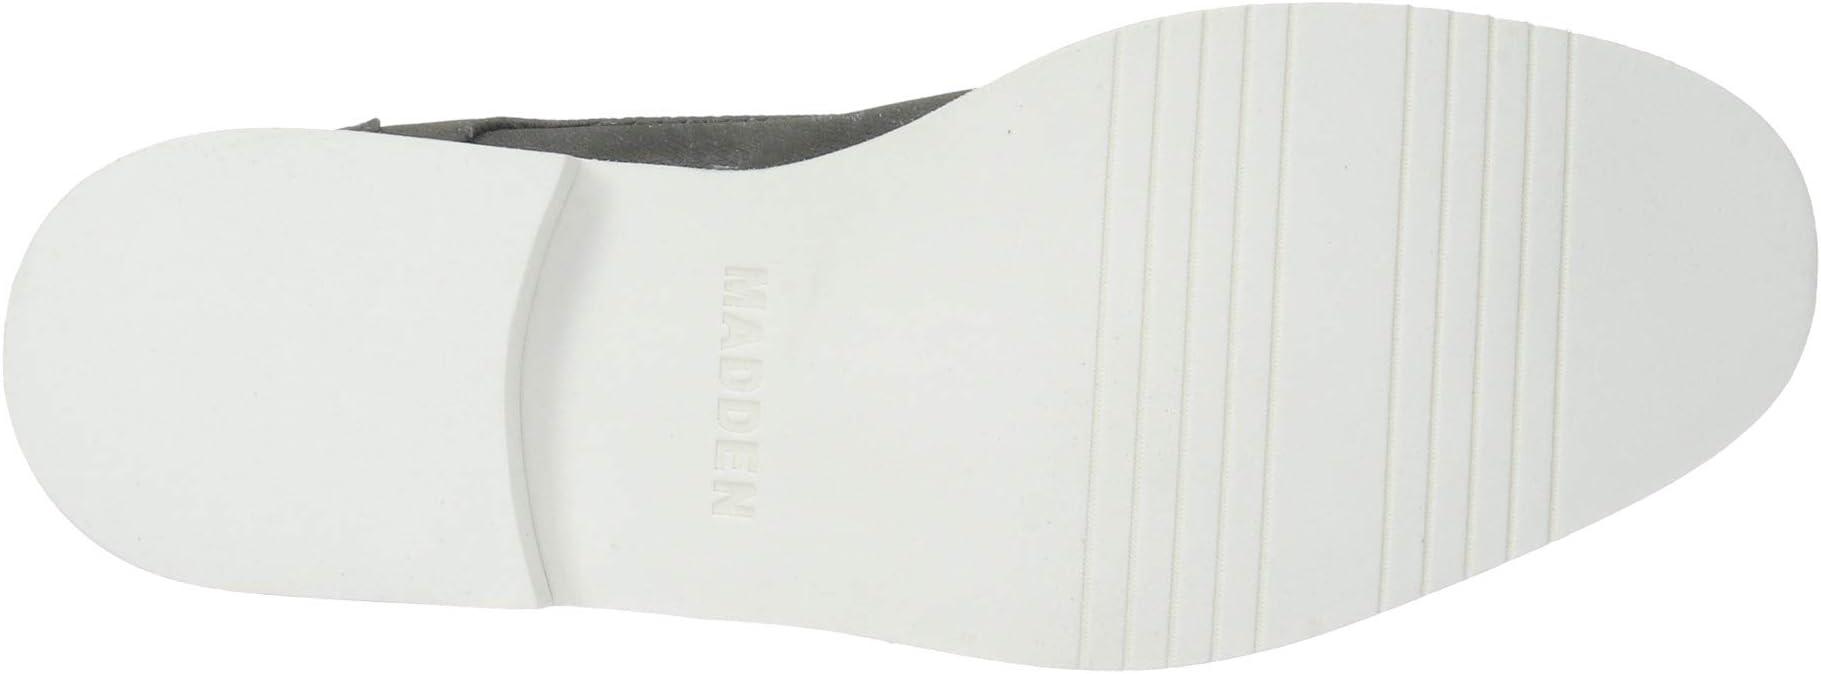 Madden by Steve Madden Boxxen | Men's shoes | 2020 Newest